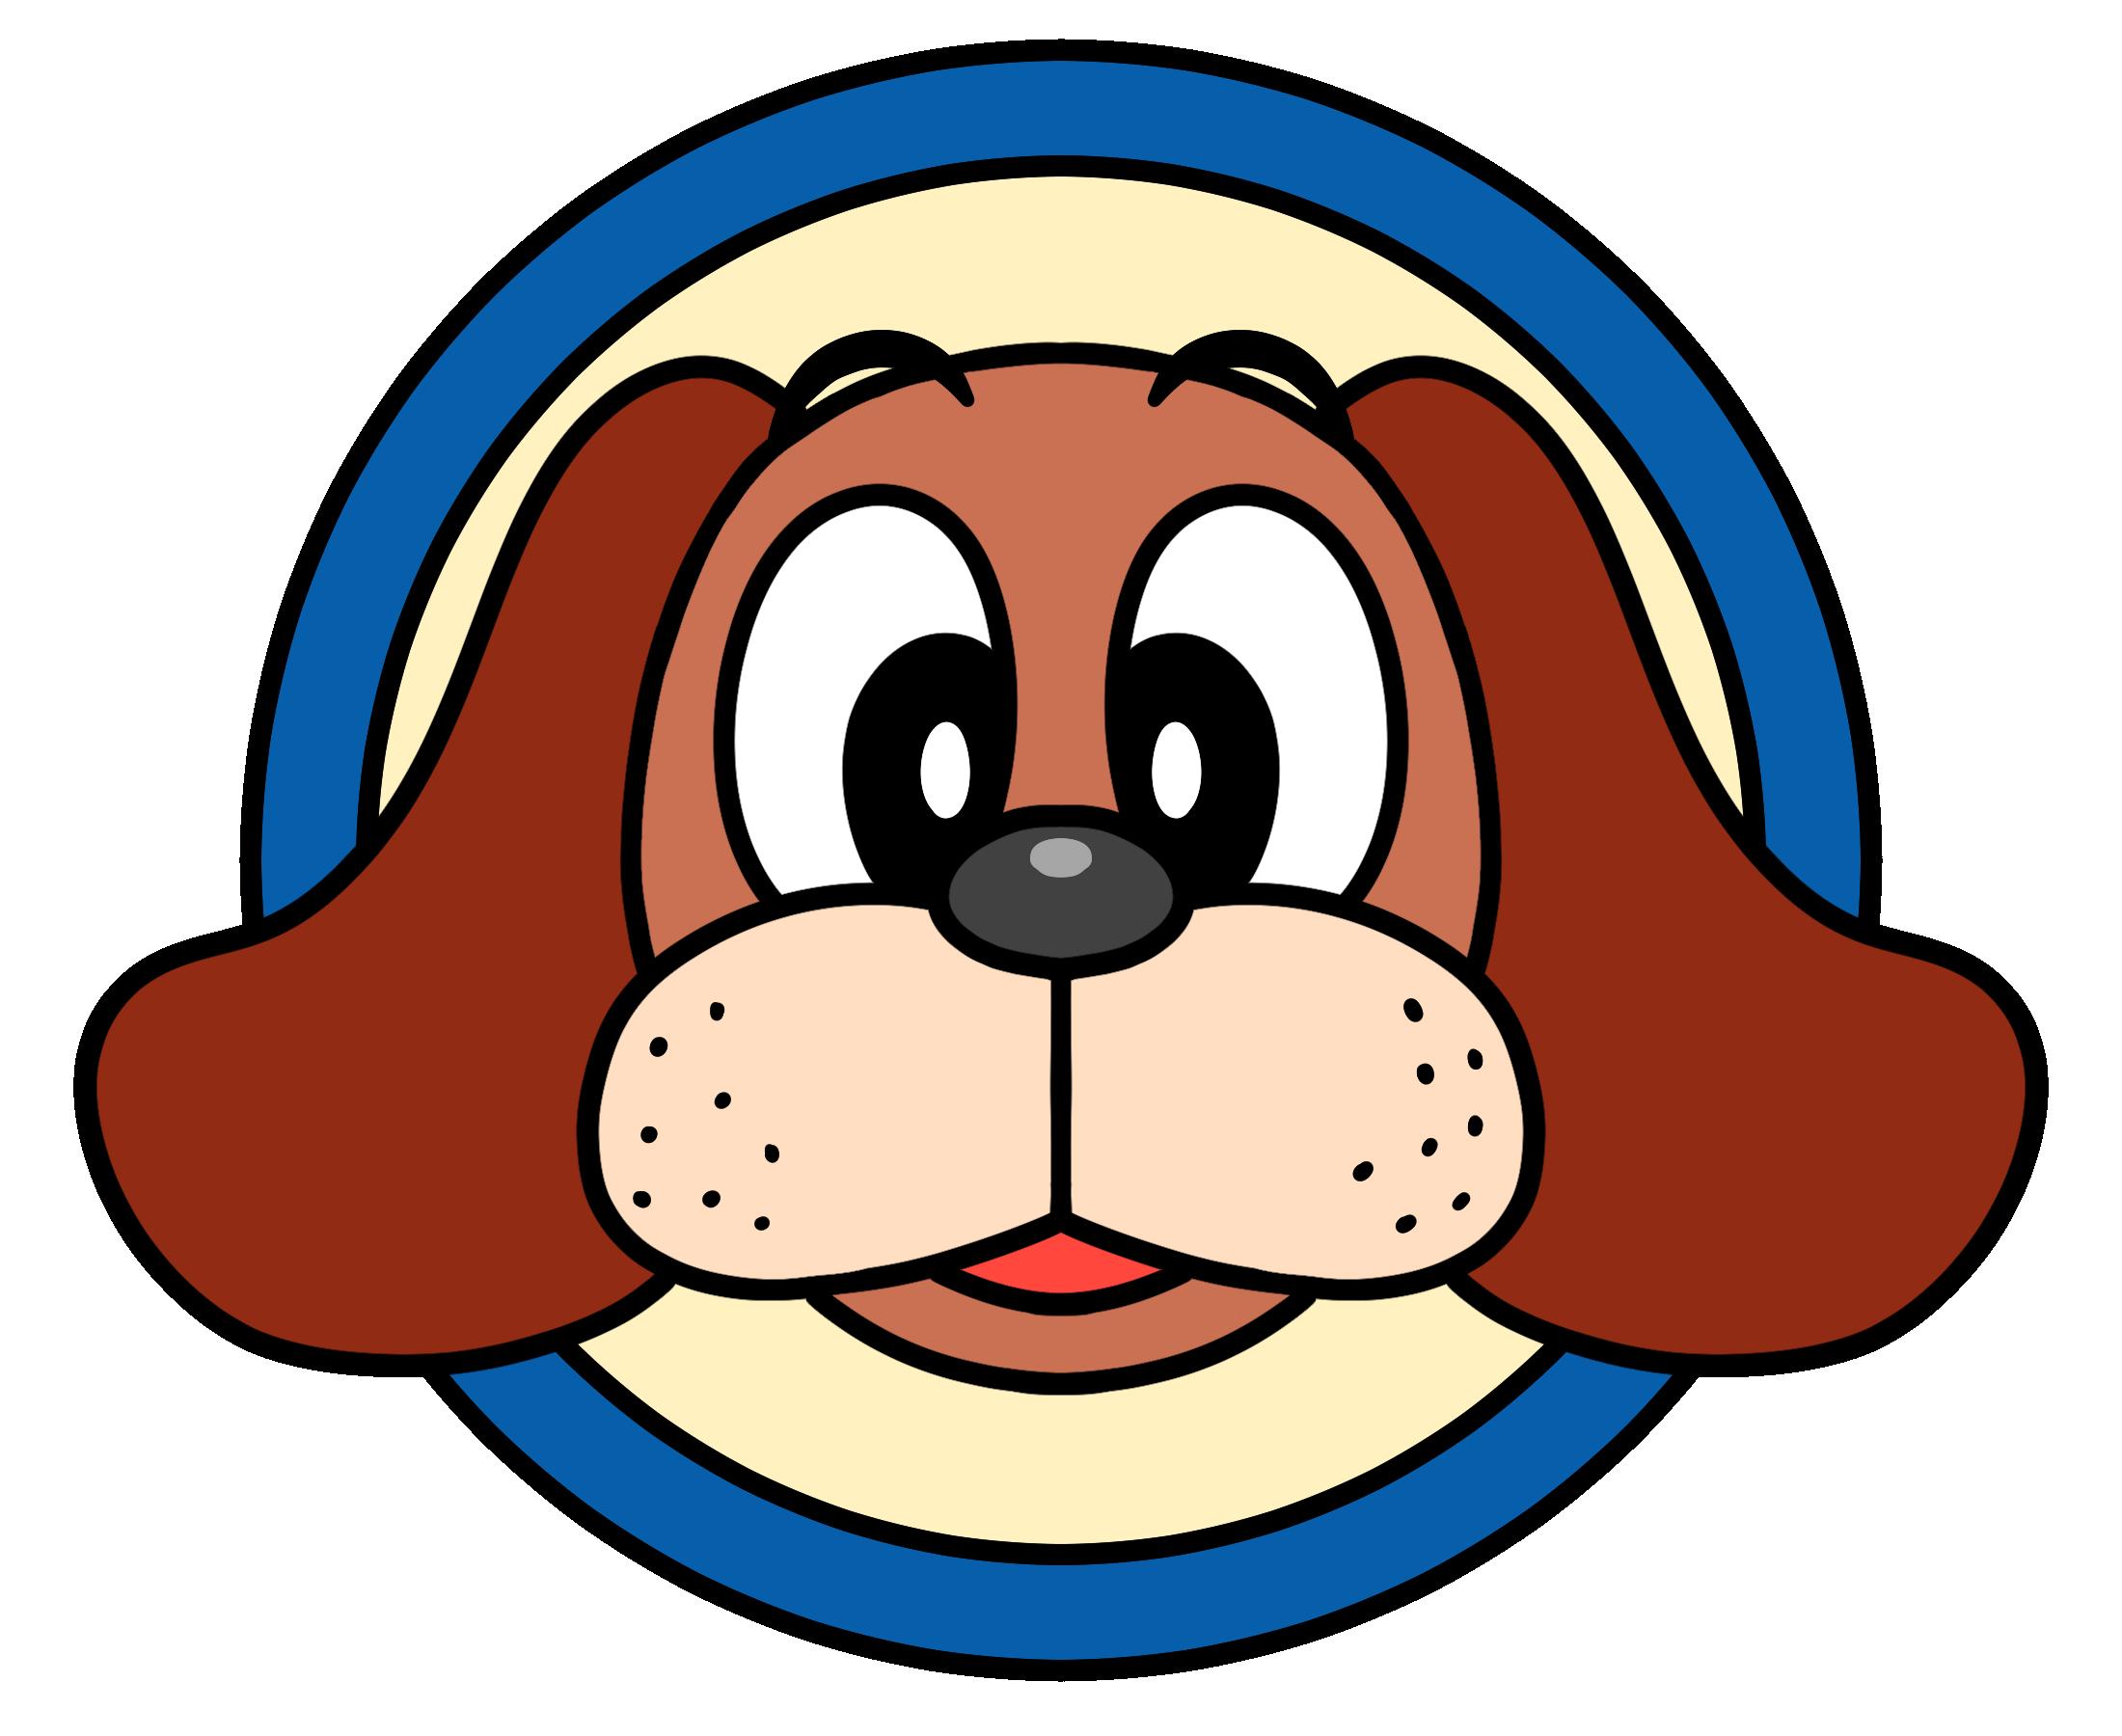 logo-doggy%28chara%29.png